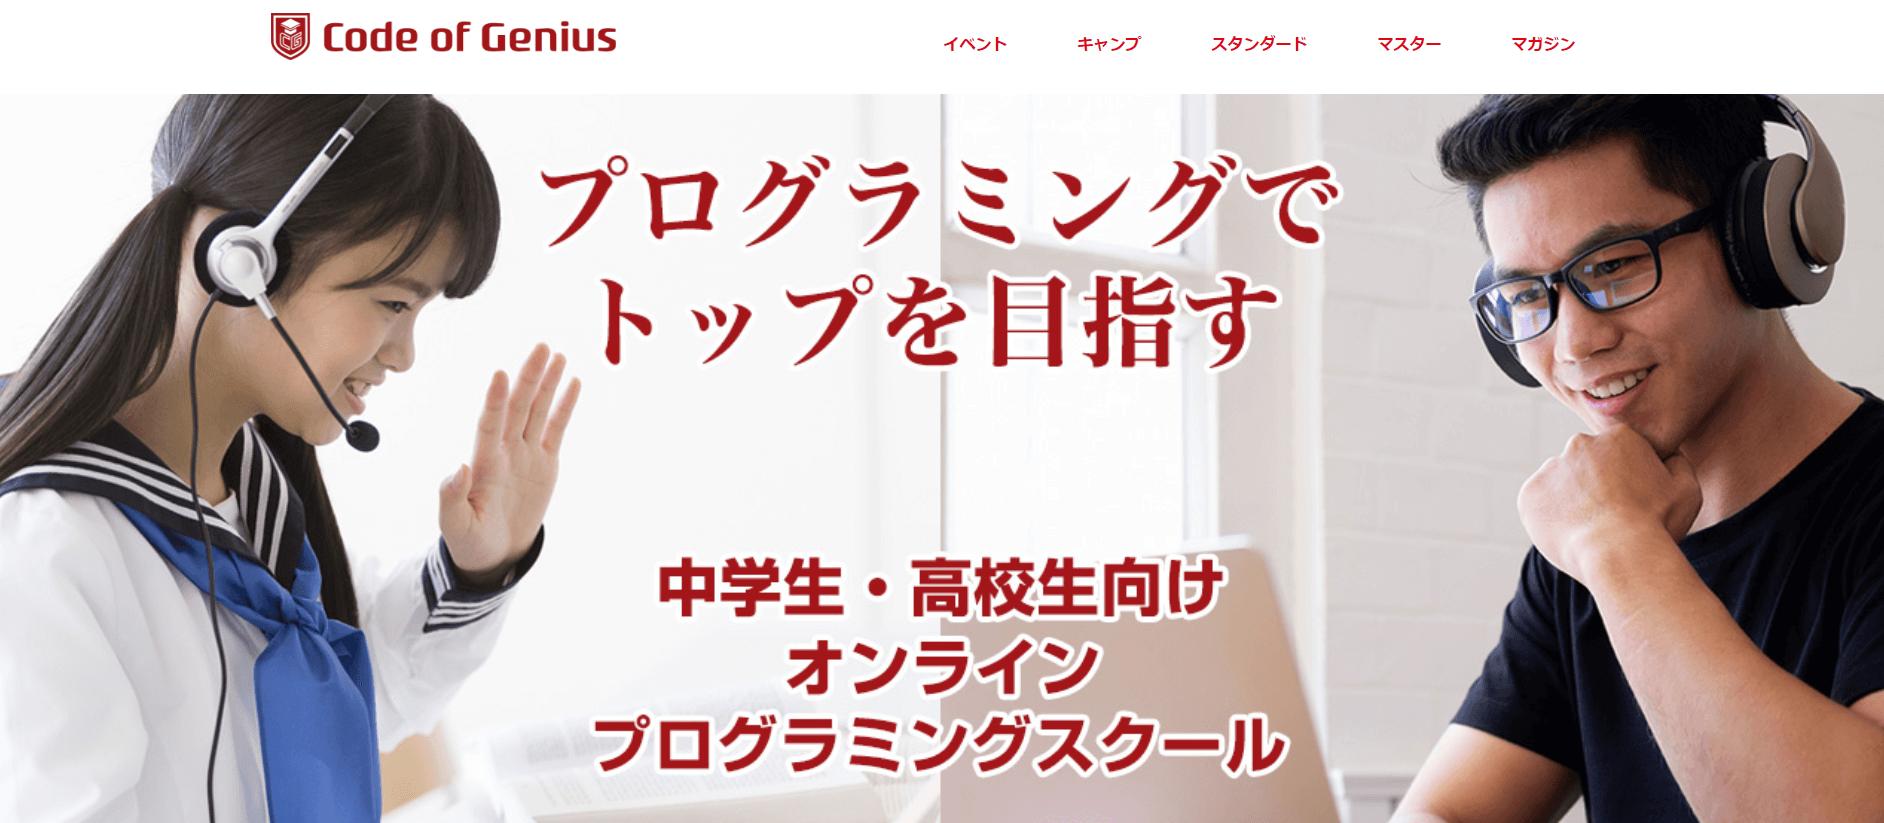 プログラミングスクール_社会人_おすすめ_code_of_genius